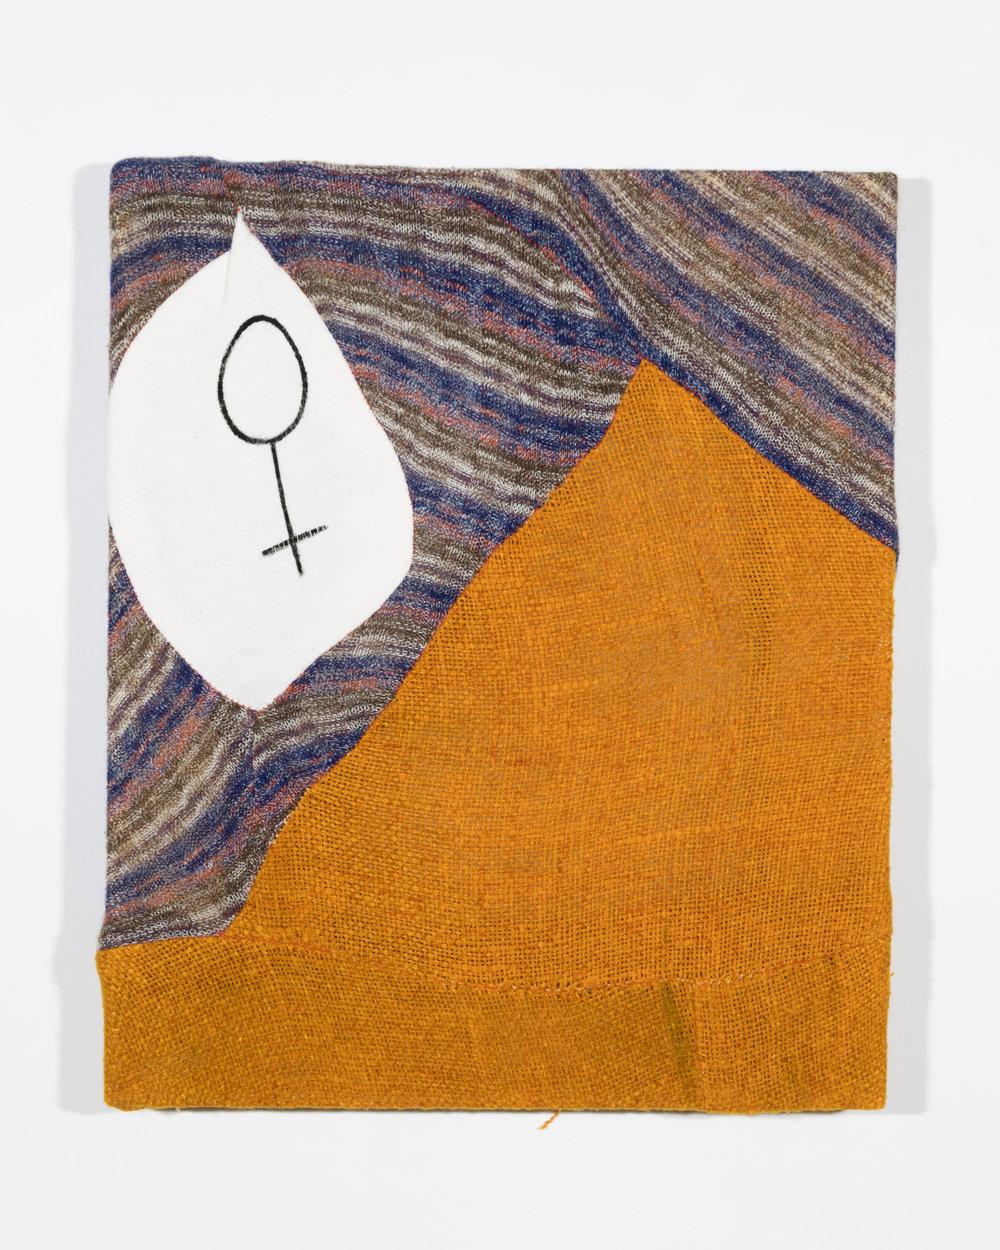 067-Bruno Smith.jpg